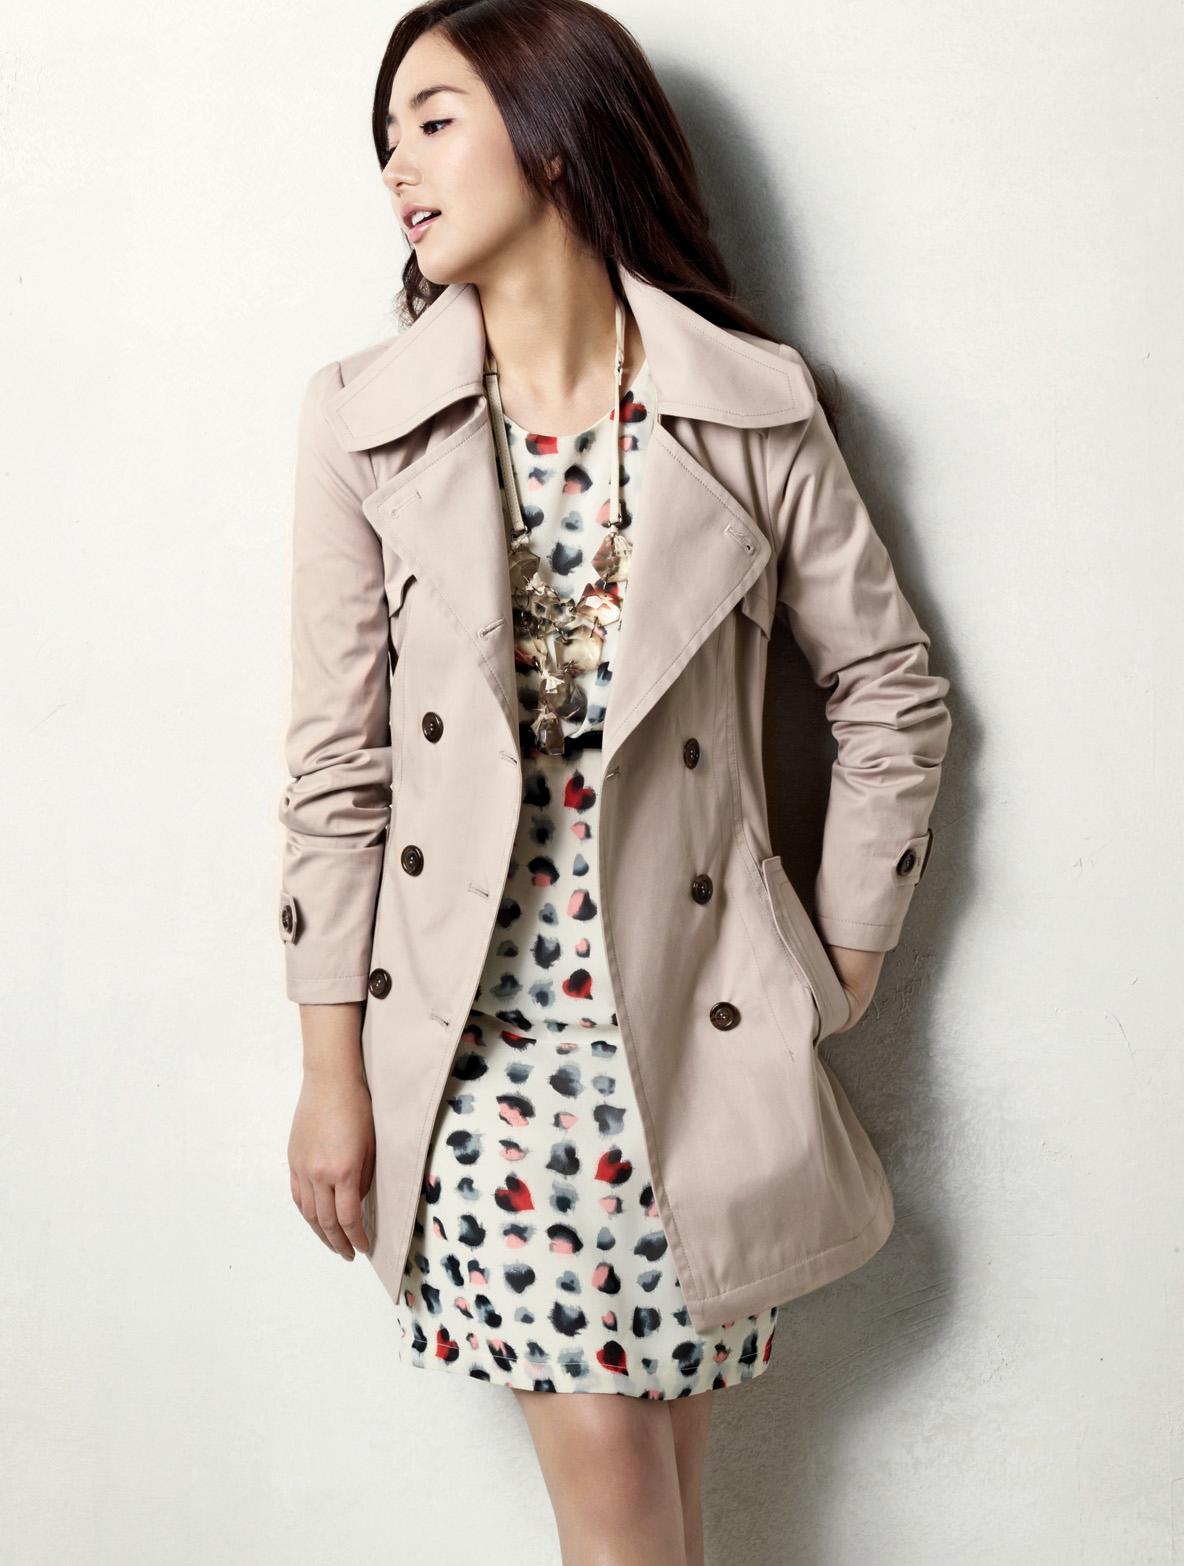 Fashion Style July 2013